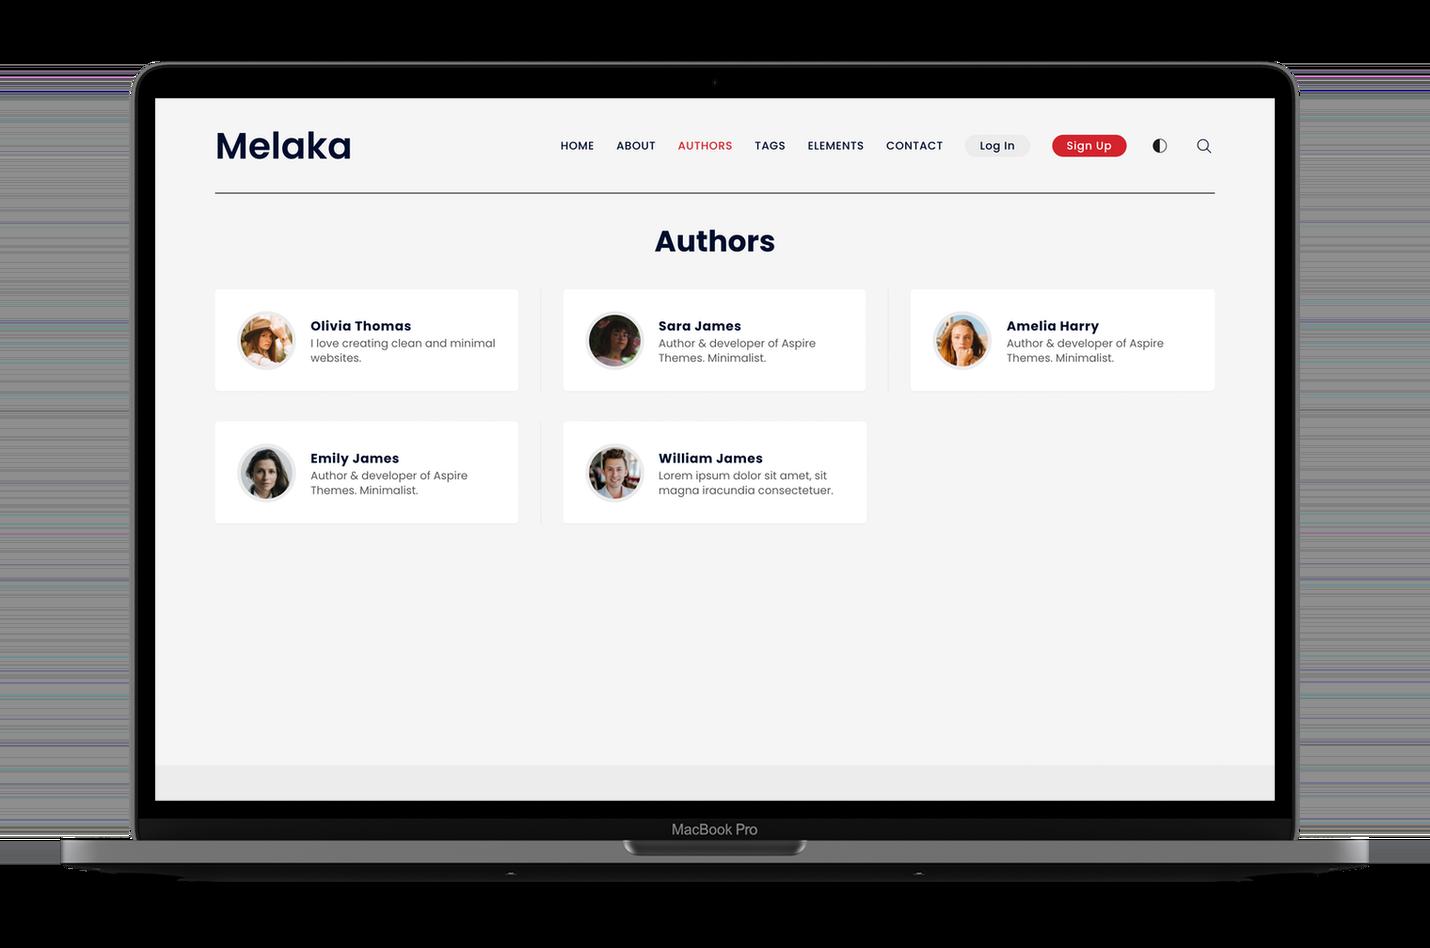 Melaka Authors Page